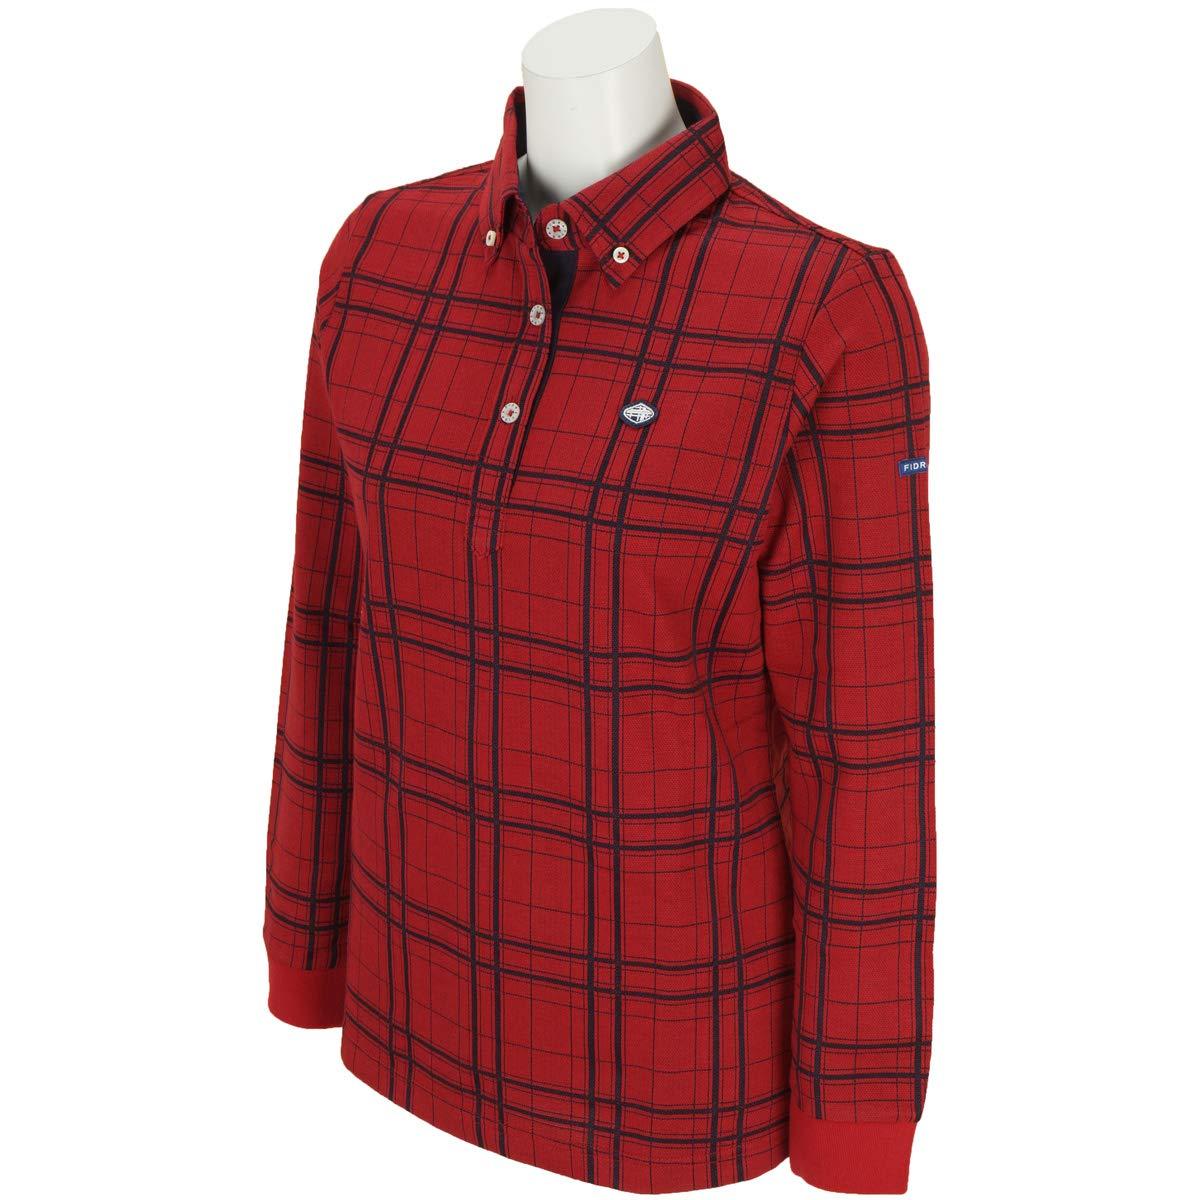 フィドラ(フィドラ) 先染めチェックシャツ FI38UG06 RED (レッド/M/Lady's)   B07JJ87RG9